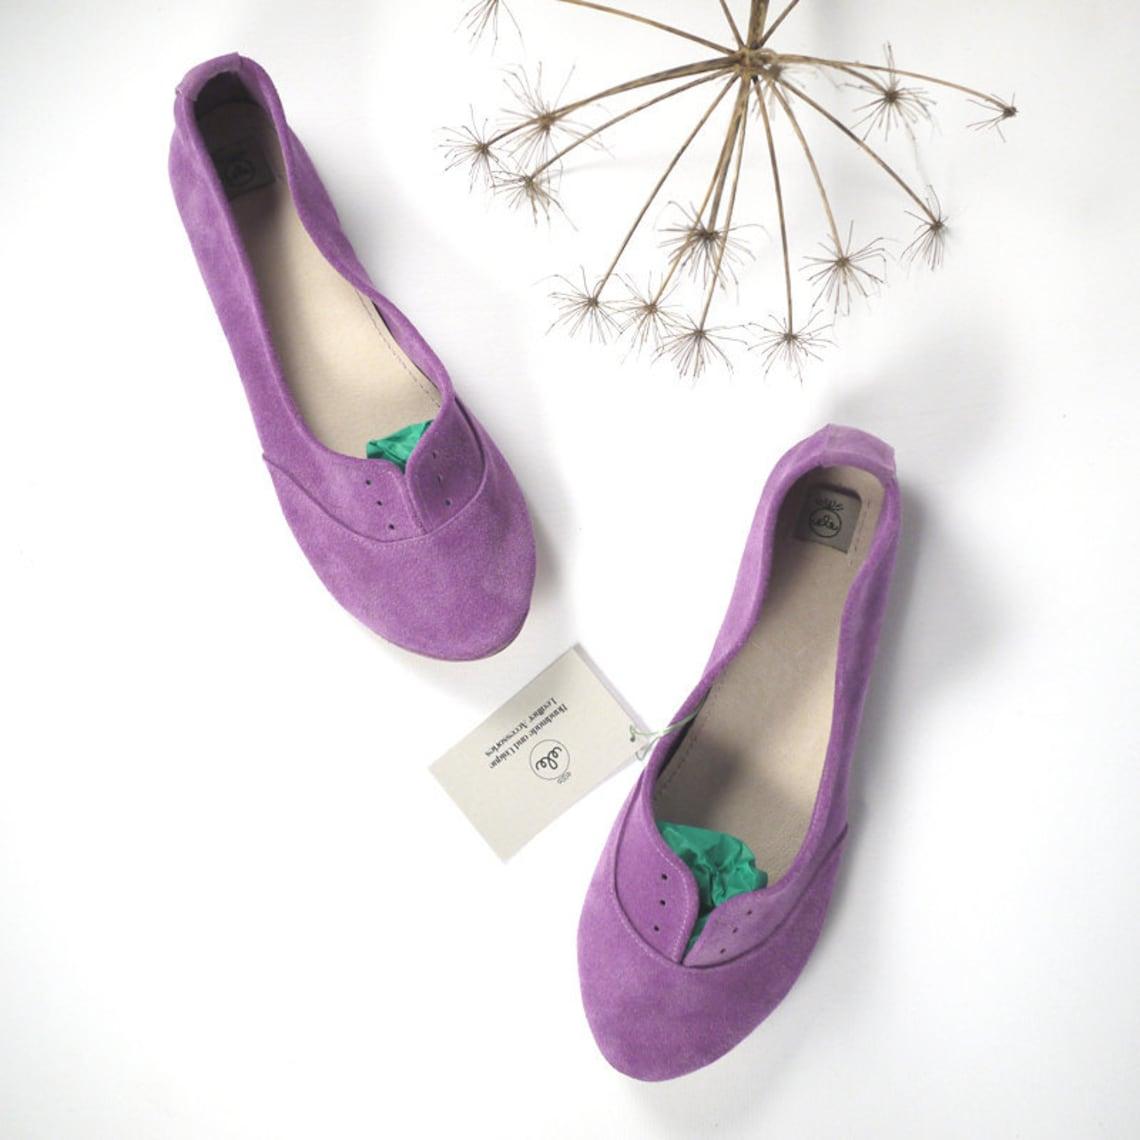 Zapatos Oxfords. Oxfords de cuero para mujer. Zapatos Oxfords de cuero. Planos de cuero lila. Encaje Shoes.Gift para su.marido a esposa.Brogues italianos